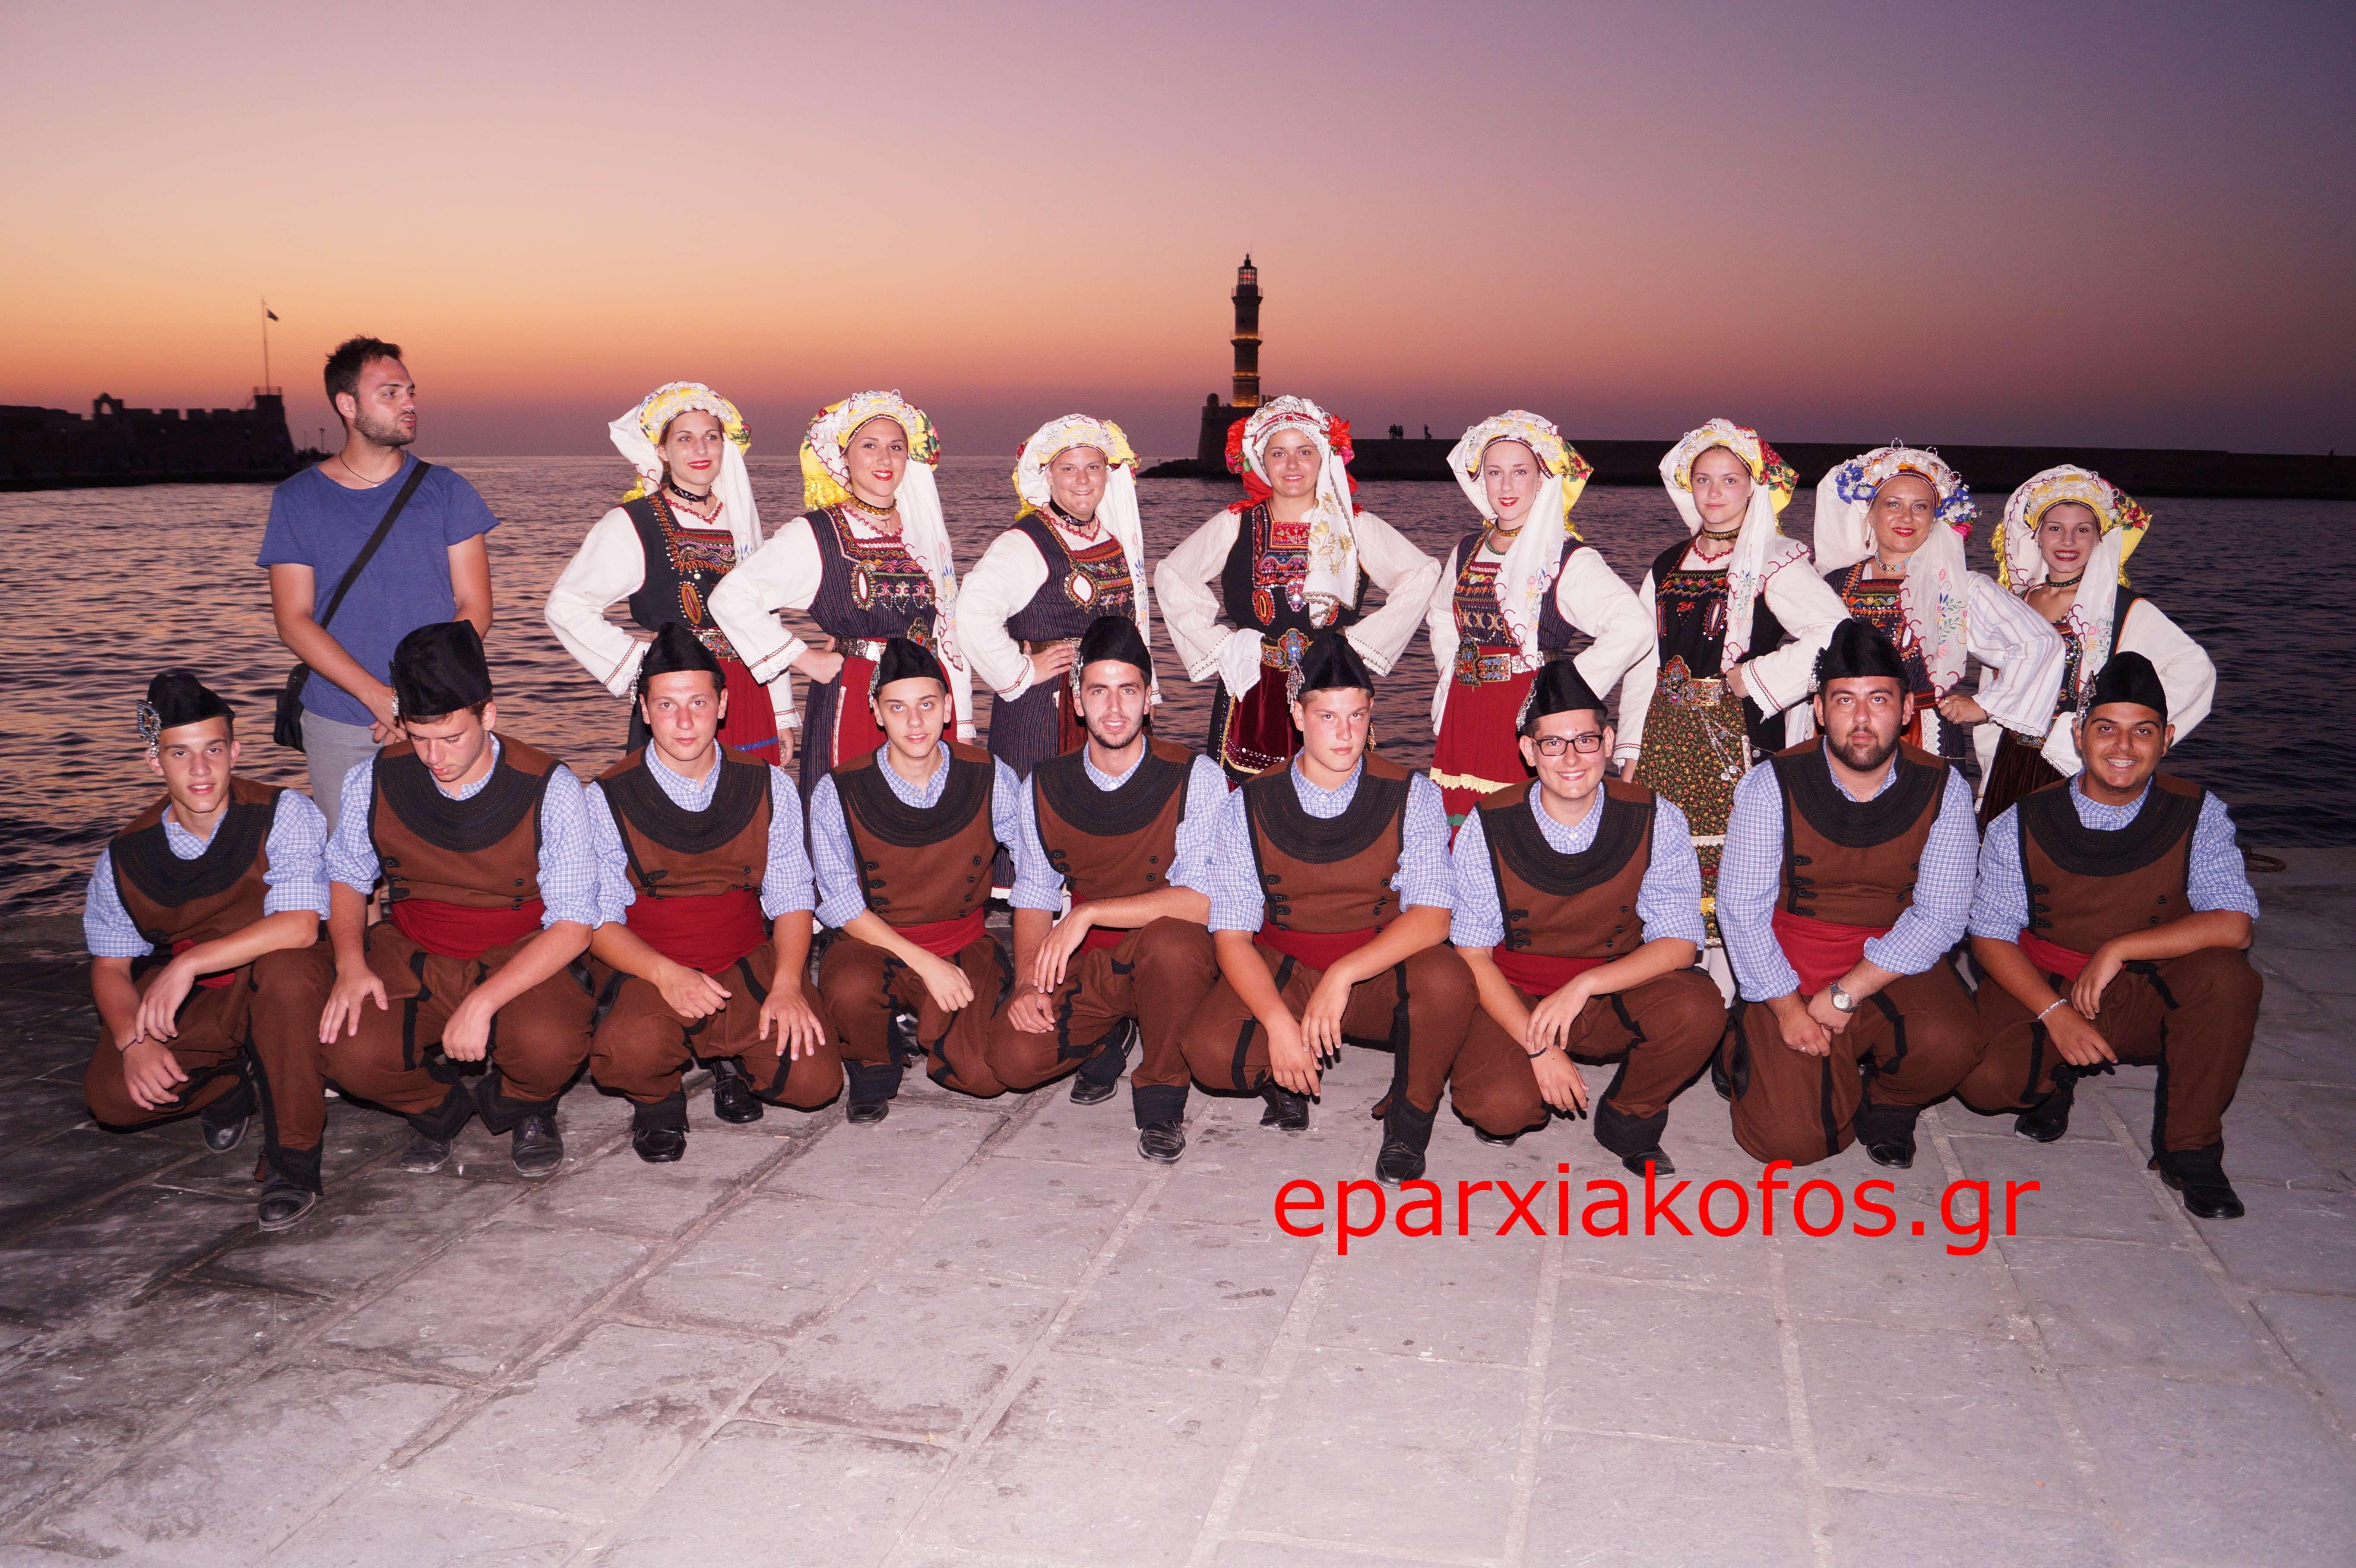 eparxiakofos0156